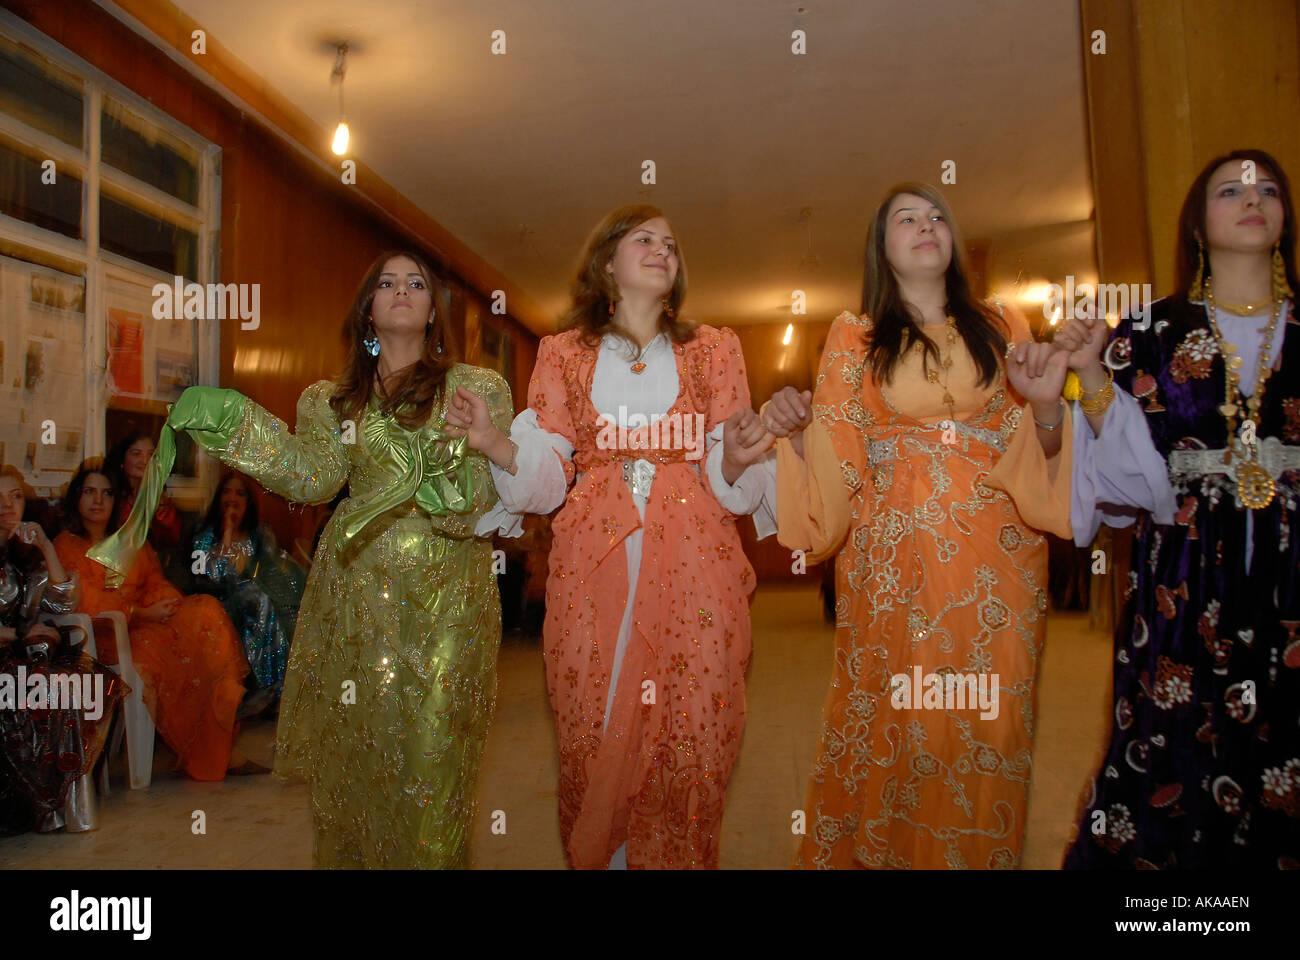 Kurdische frauen tanzen an eine kurdische hochzeit in hakkari in der nähe der türkisch irakischen grenze der südöstlichen türkei